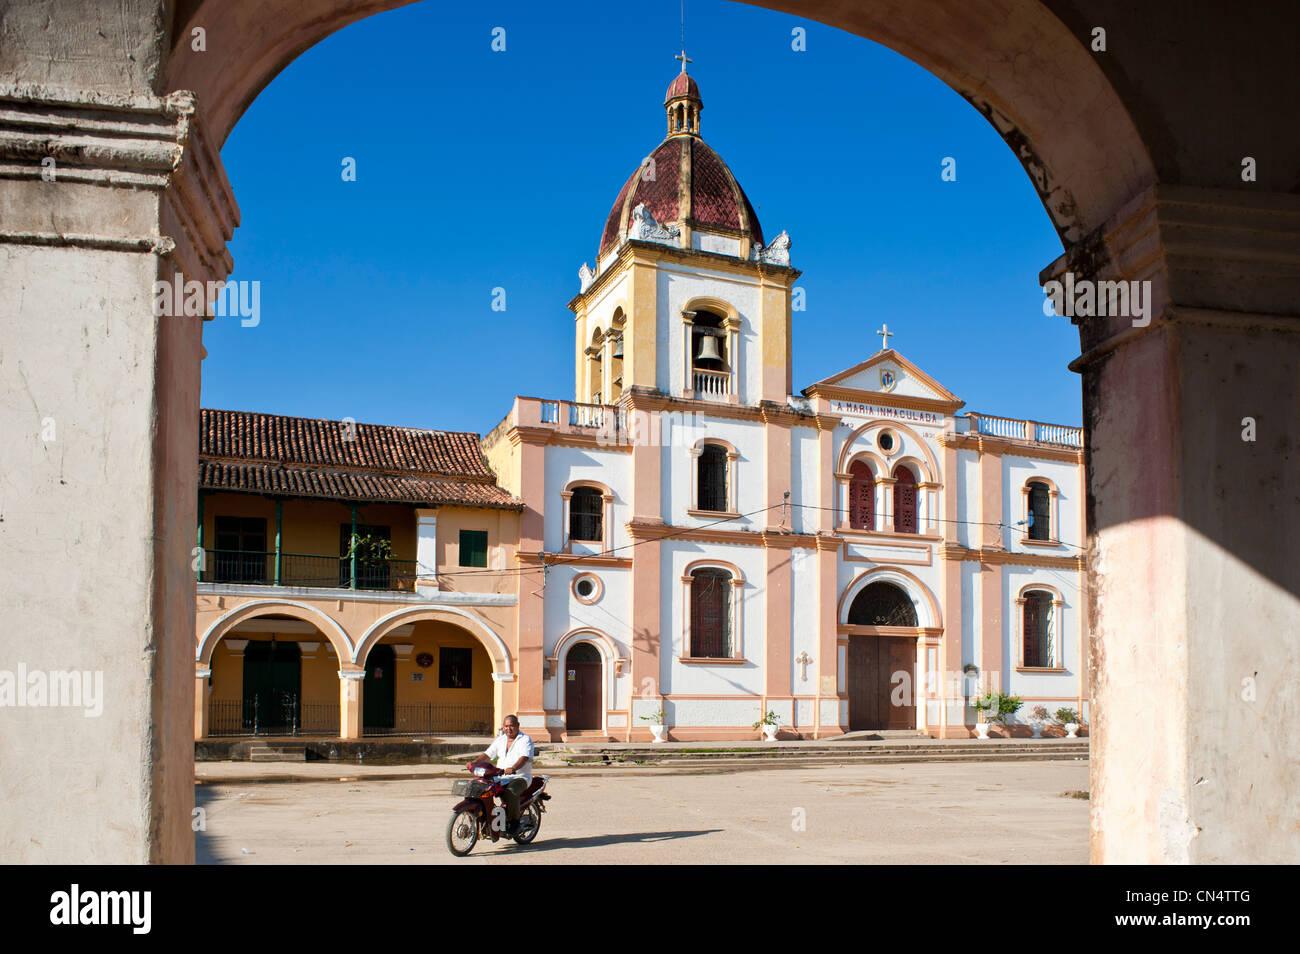 La Colombie, Département de Bolivar, Mompox (ou Mompos), ville fondée en 1540 et classée au Patrimoine Photo Stock